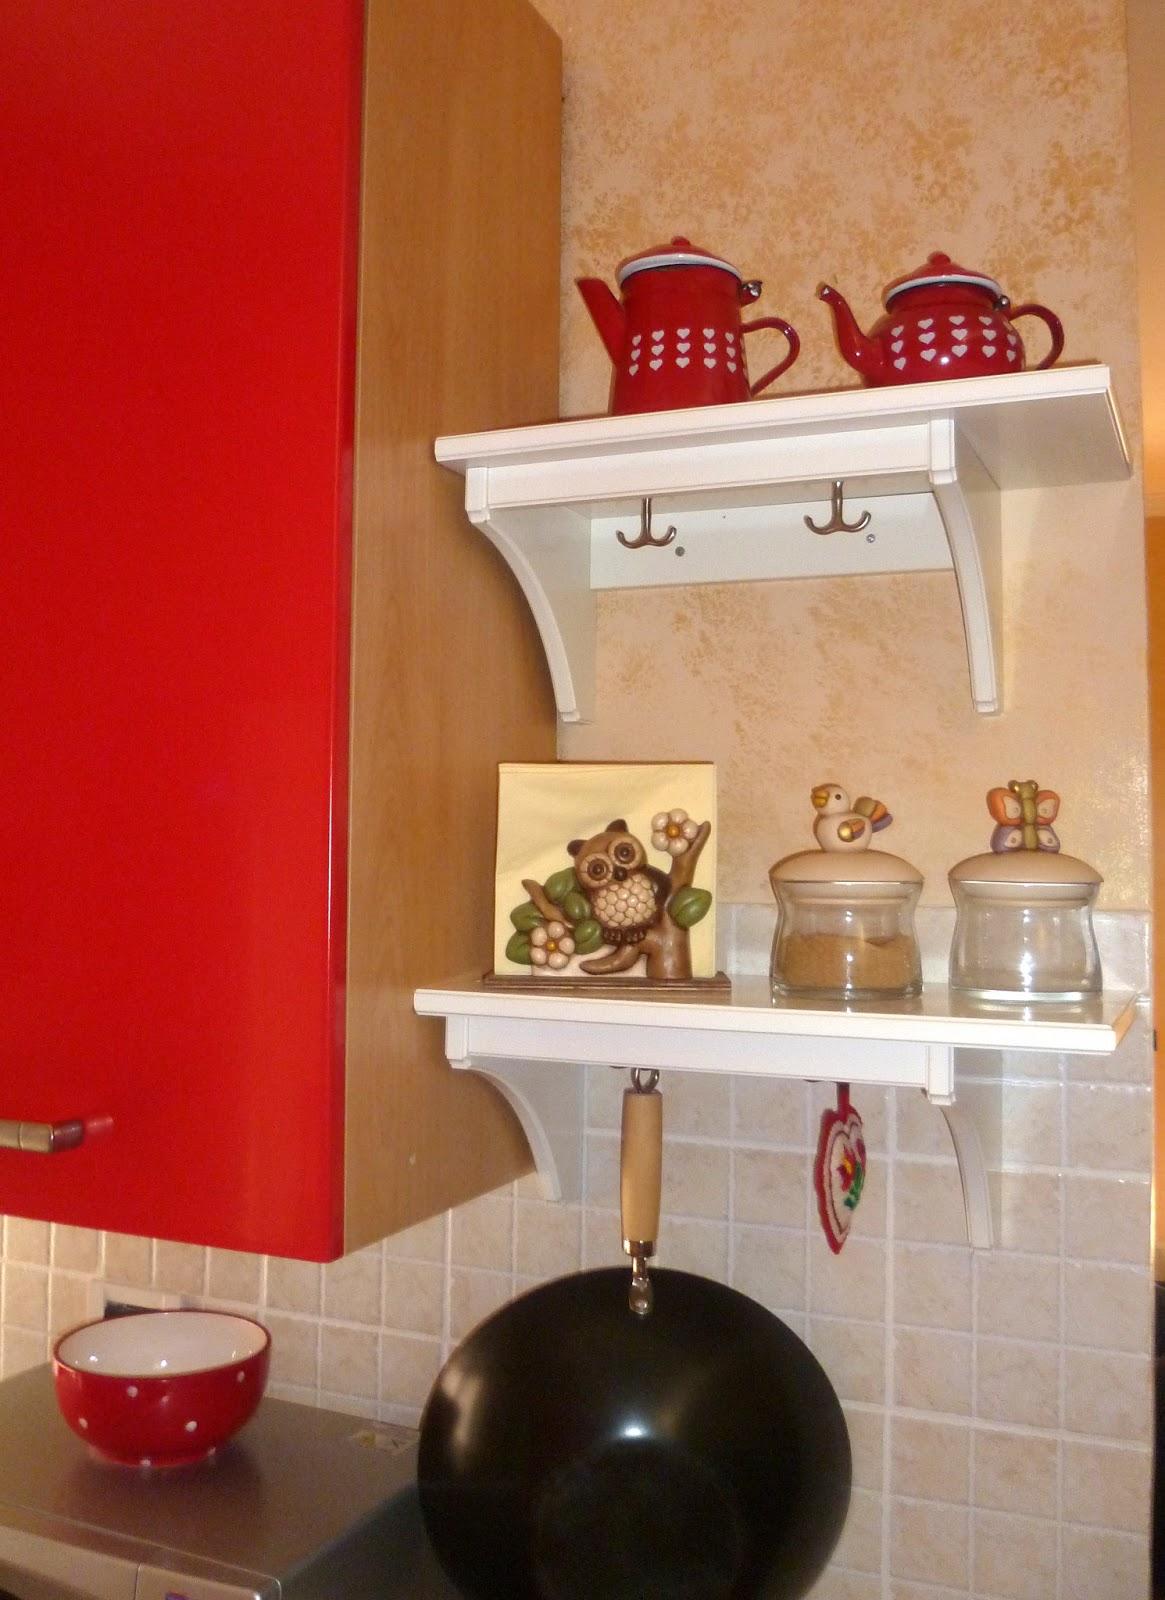 Preventivo Cucina Ikea | Preventivi Cucine Online Stunning ...